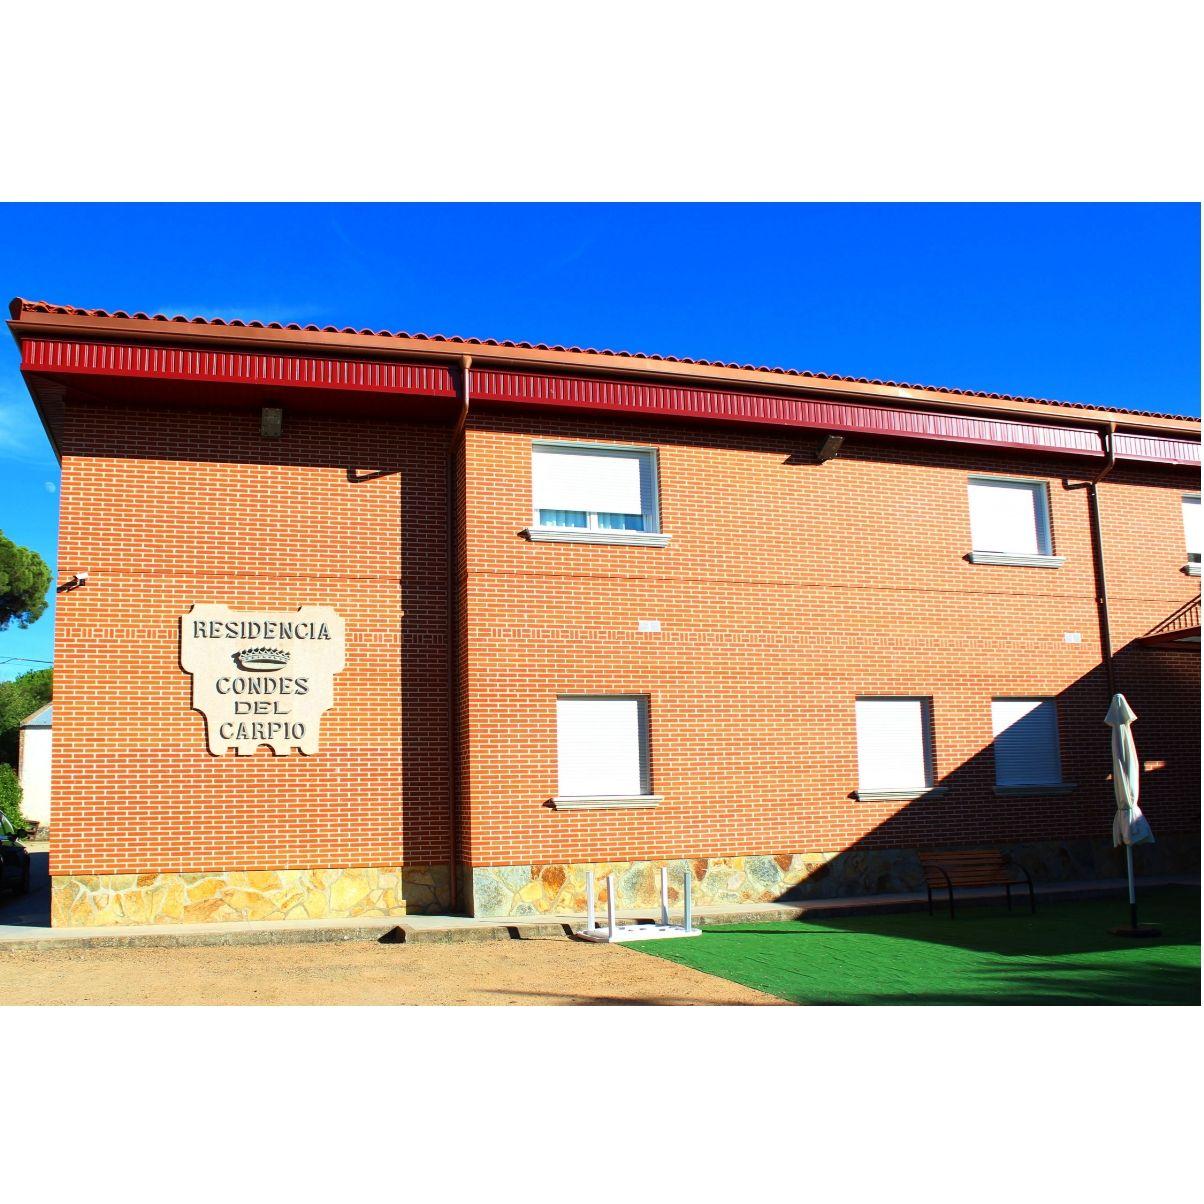 Residencia de ancianos: Servicios de Residencia Condes del Carpio